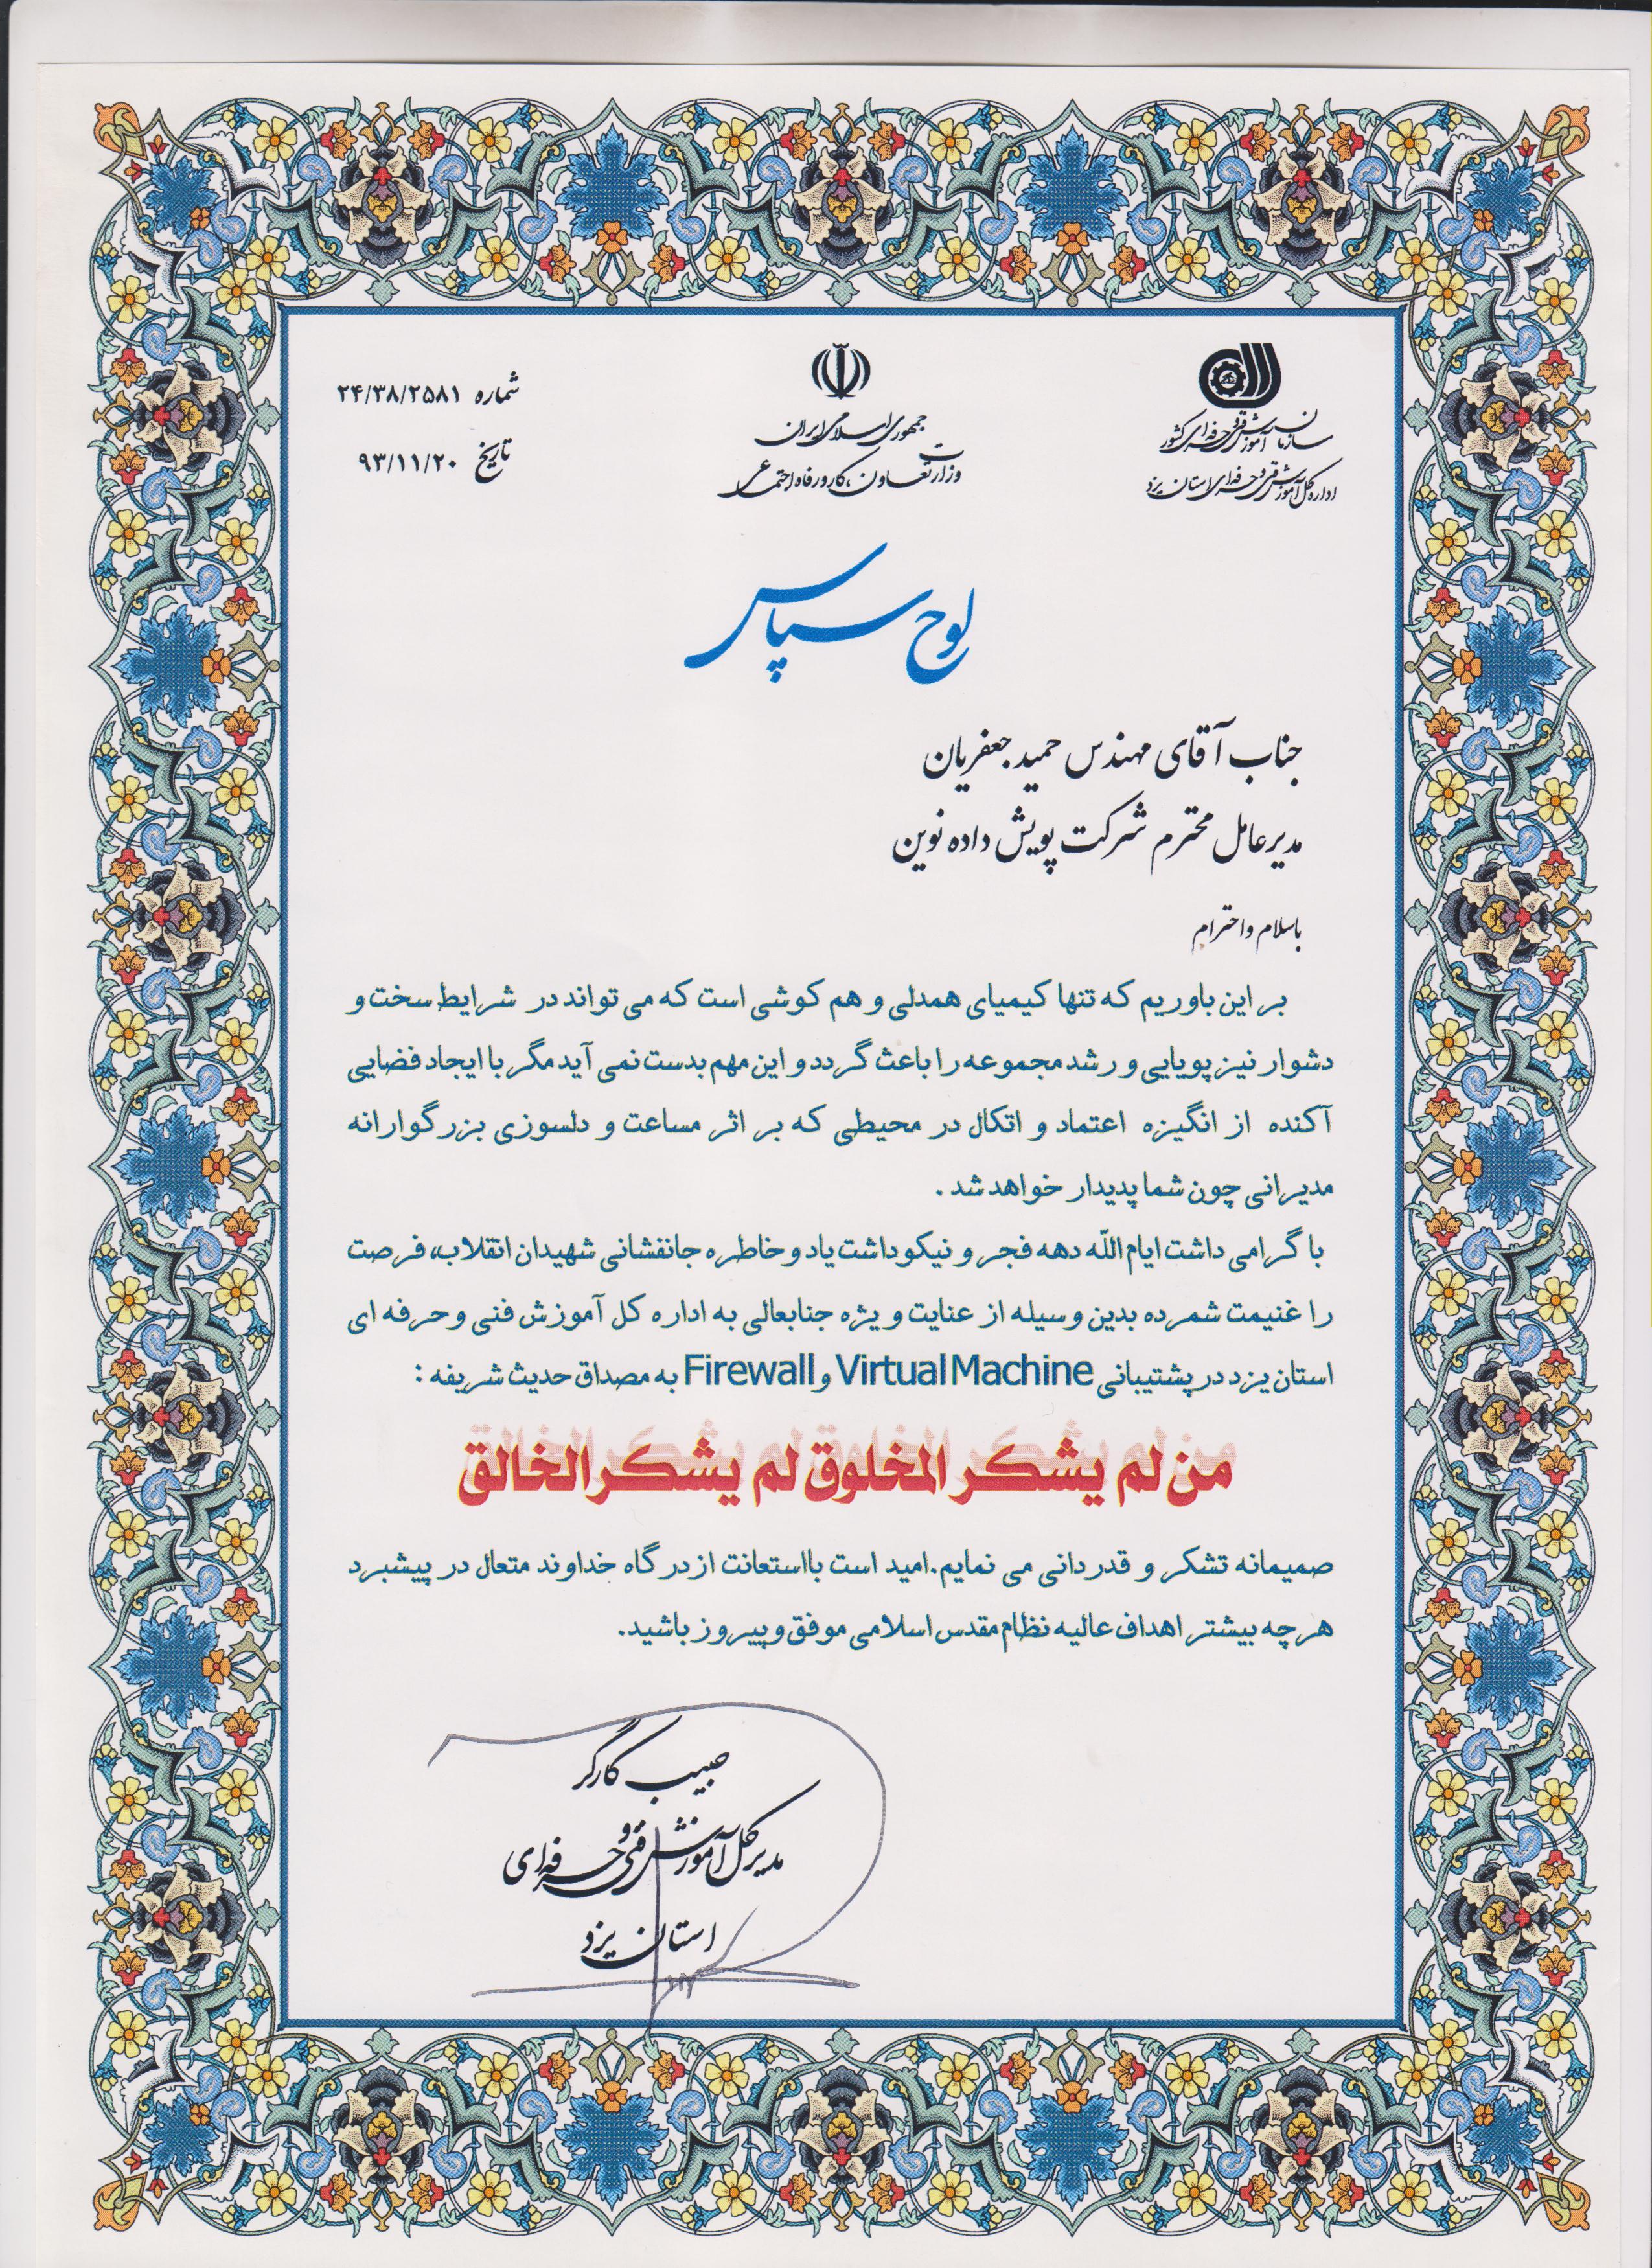 اداره کل آموزش فنی و حرفهای استان یزد.jpg -